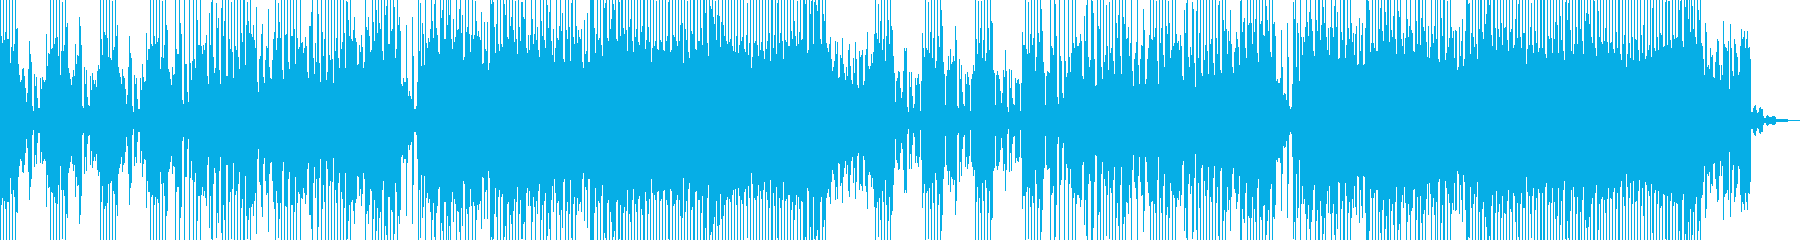 伝統とEDMの融合 三味線EDMの再生済みの波形